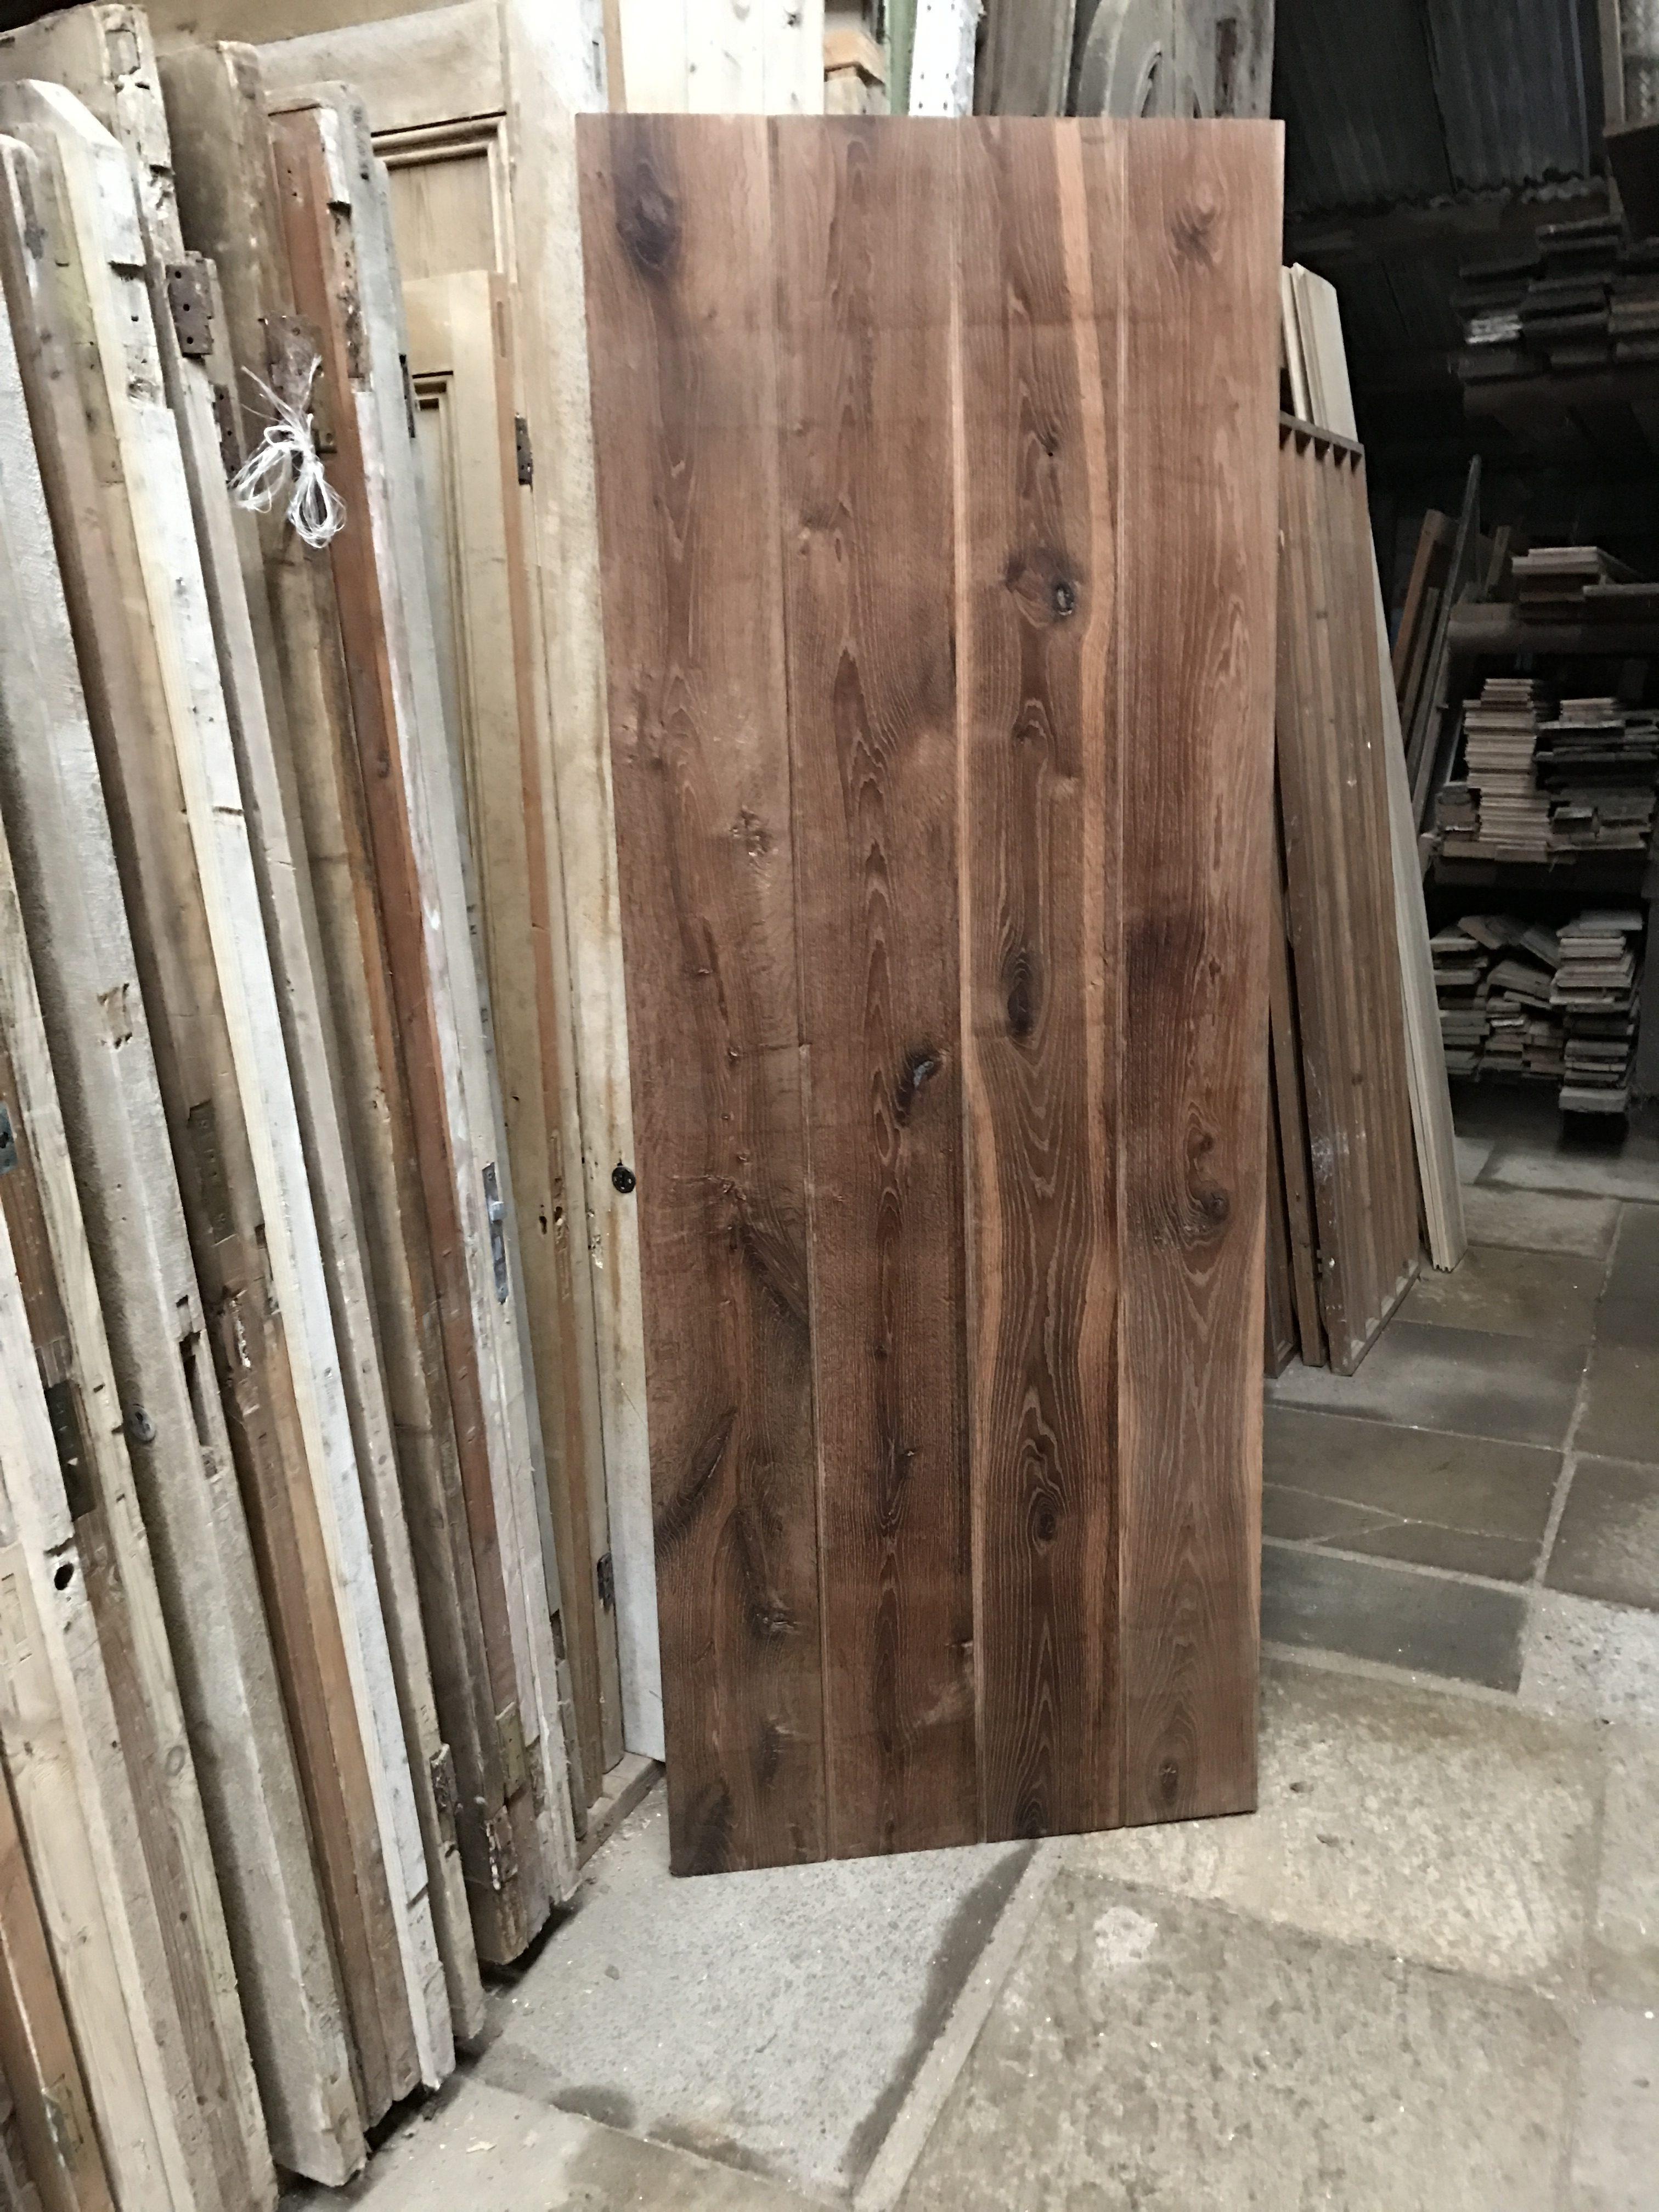 Handmade amonia treated oak ledge/plank door.